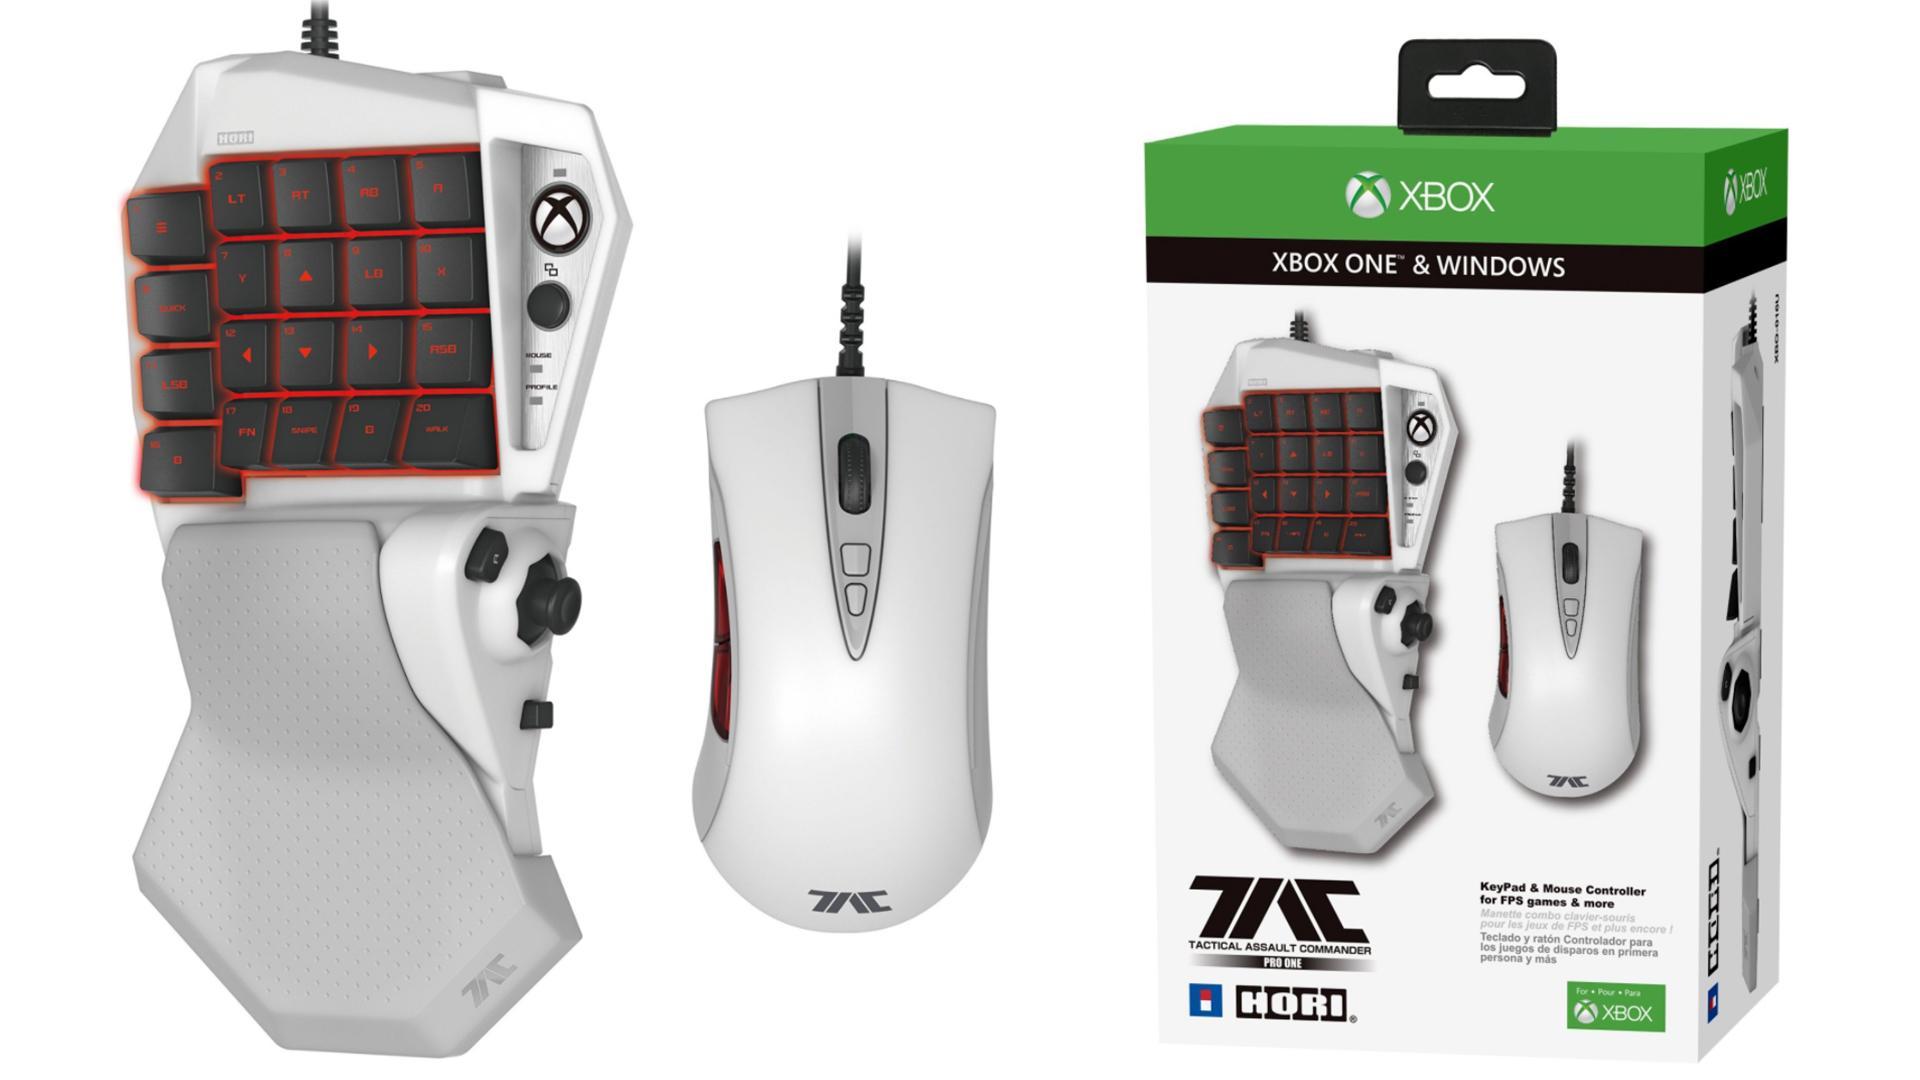 Así es el mouse y teclado oficial de Xbox One